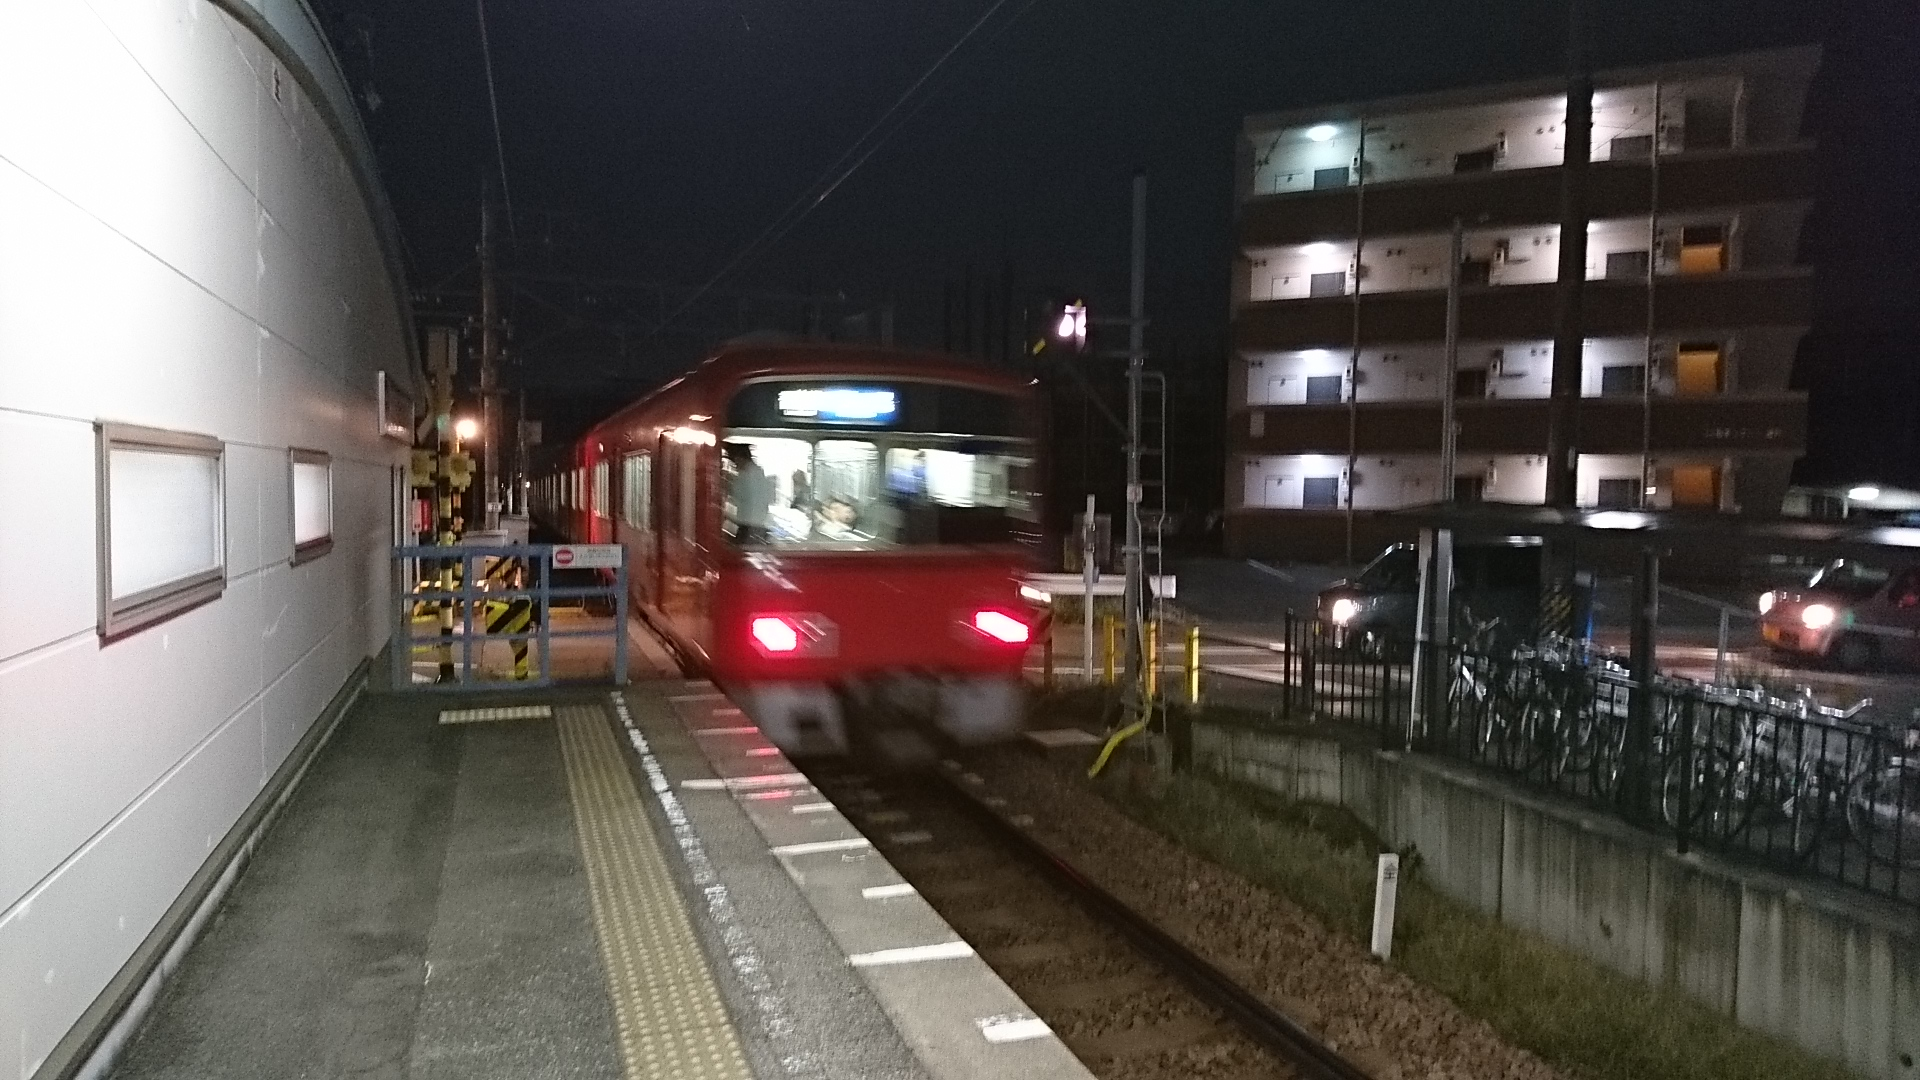 2016.10.19 西尾いきふつう (4) 古井